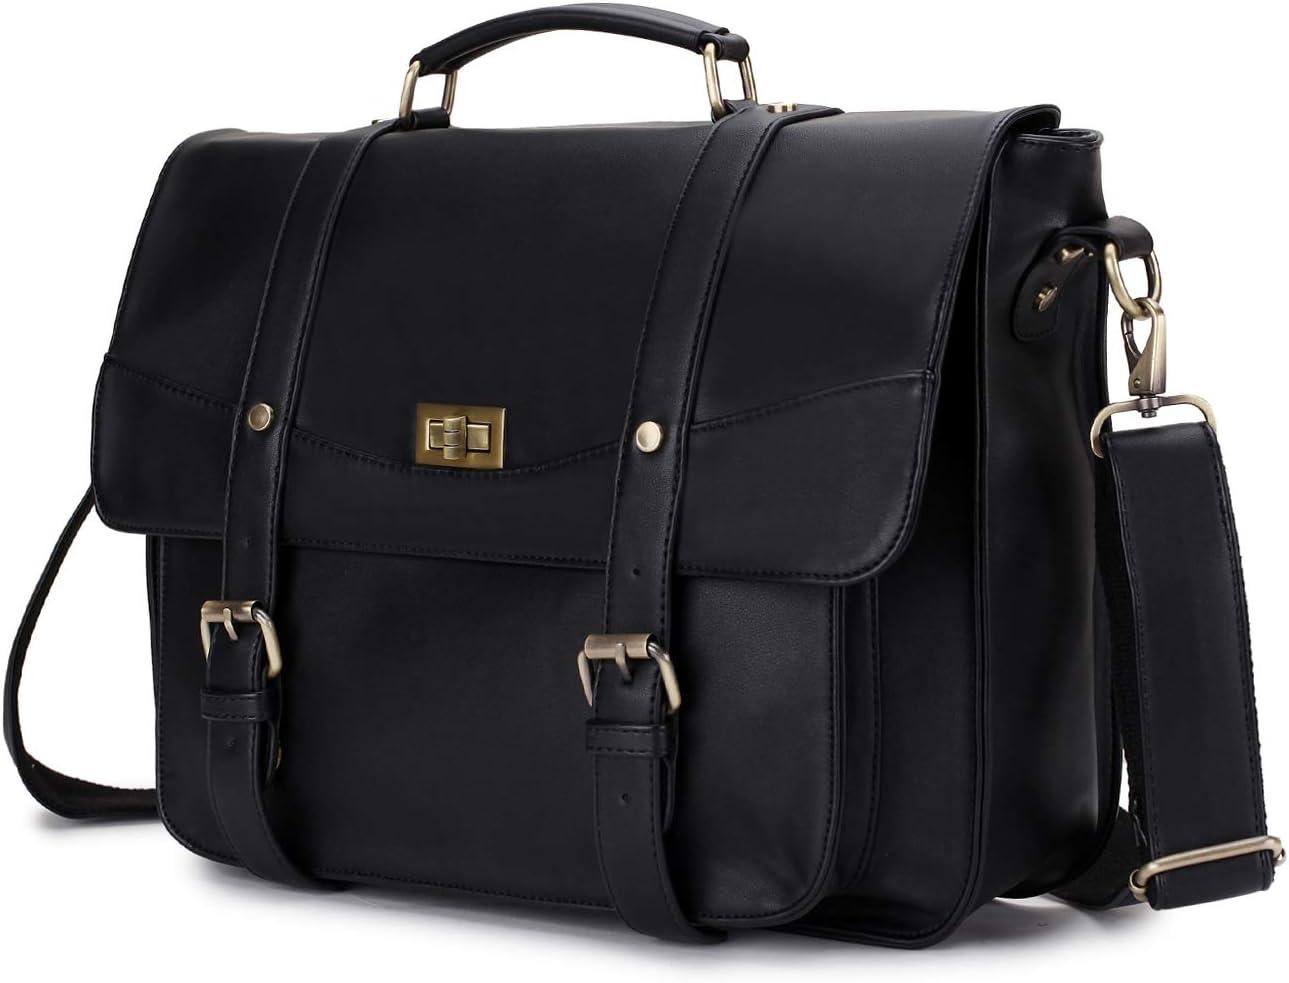 Briefcase for Women,14 Inch Laptop Messenger Bag PU Leather Top Handle Shoulder Bag Satchel